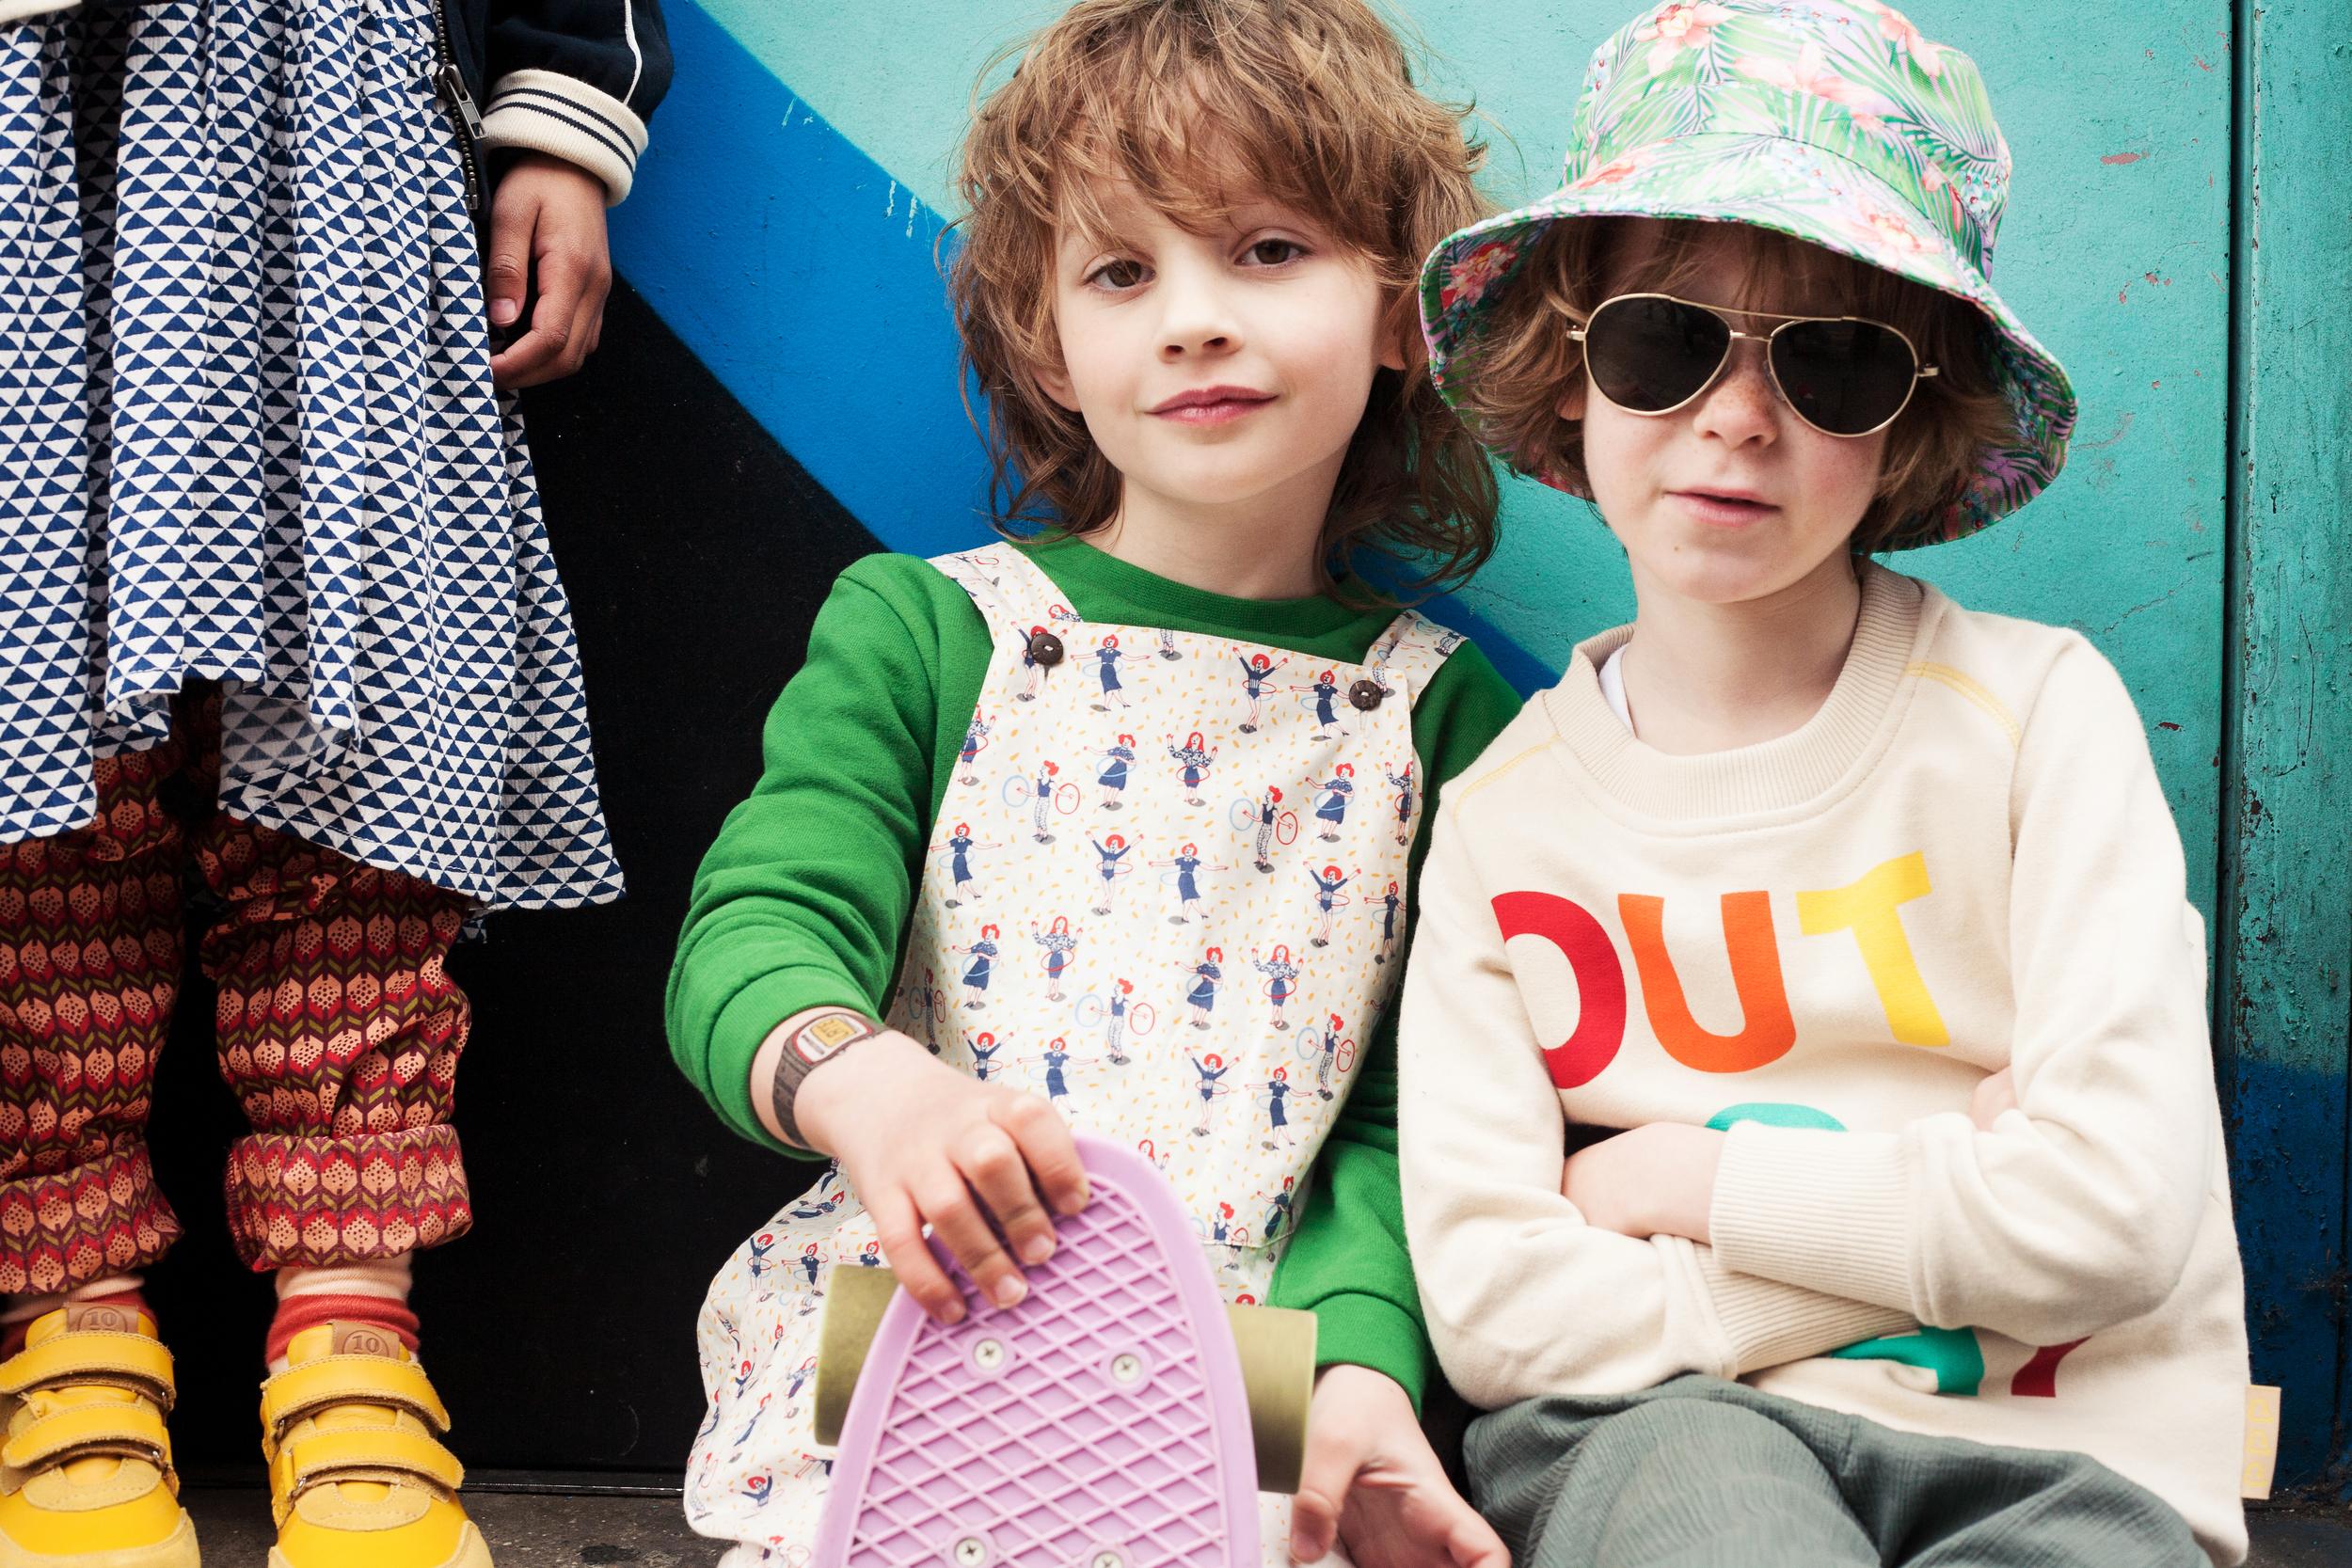 Doolittle Magazine June 2015: Unisex fashion